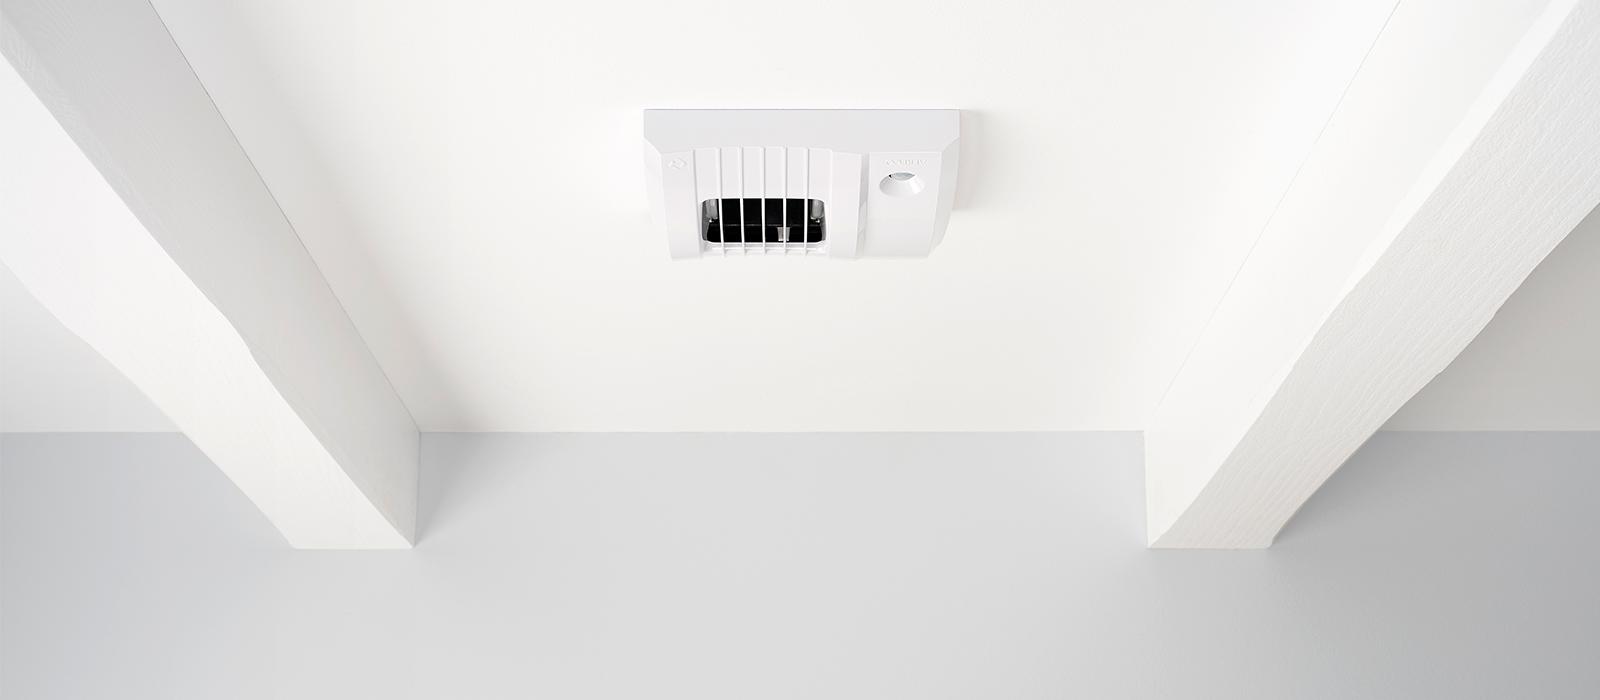 Penész eltávolítása falról egyszerűen, kedvező áron